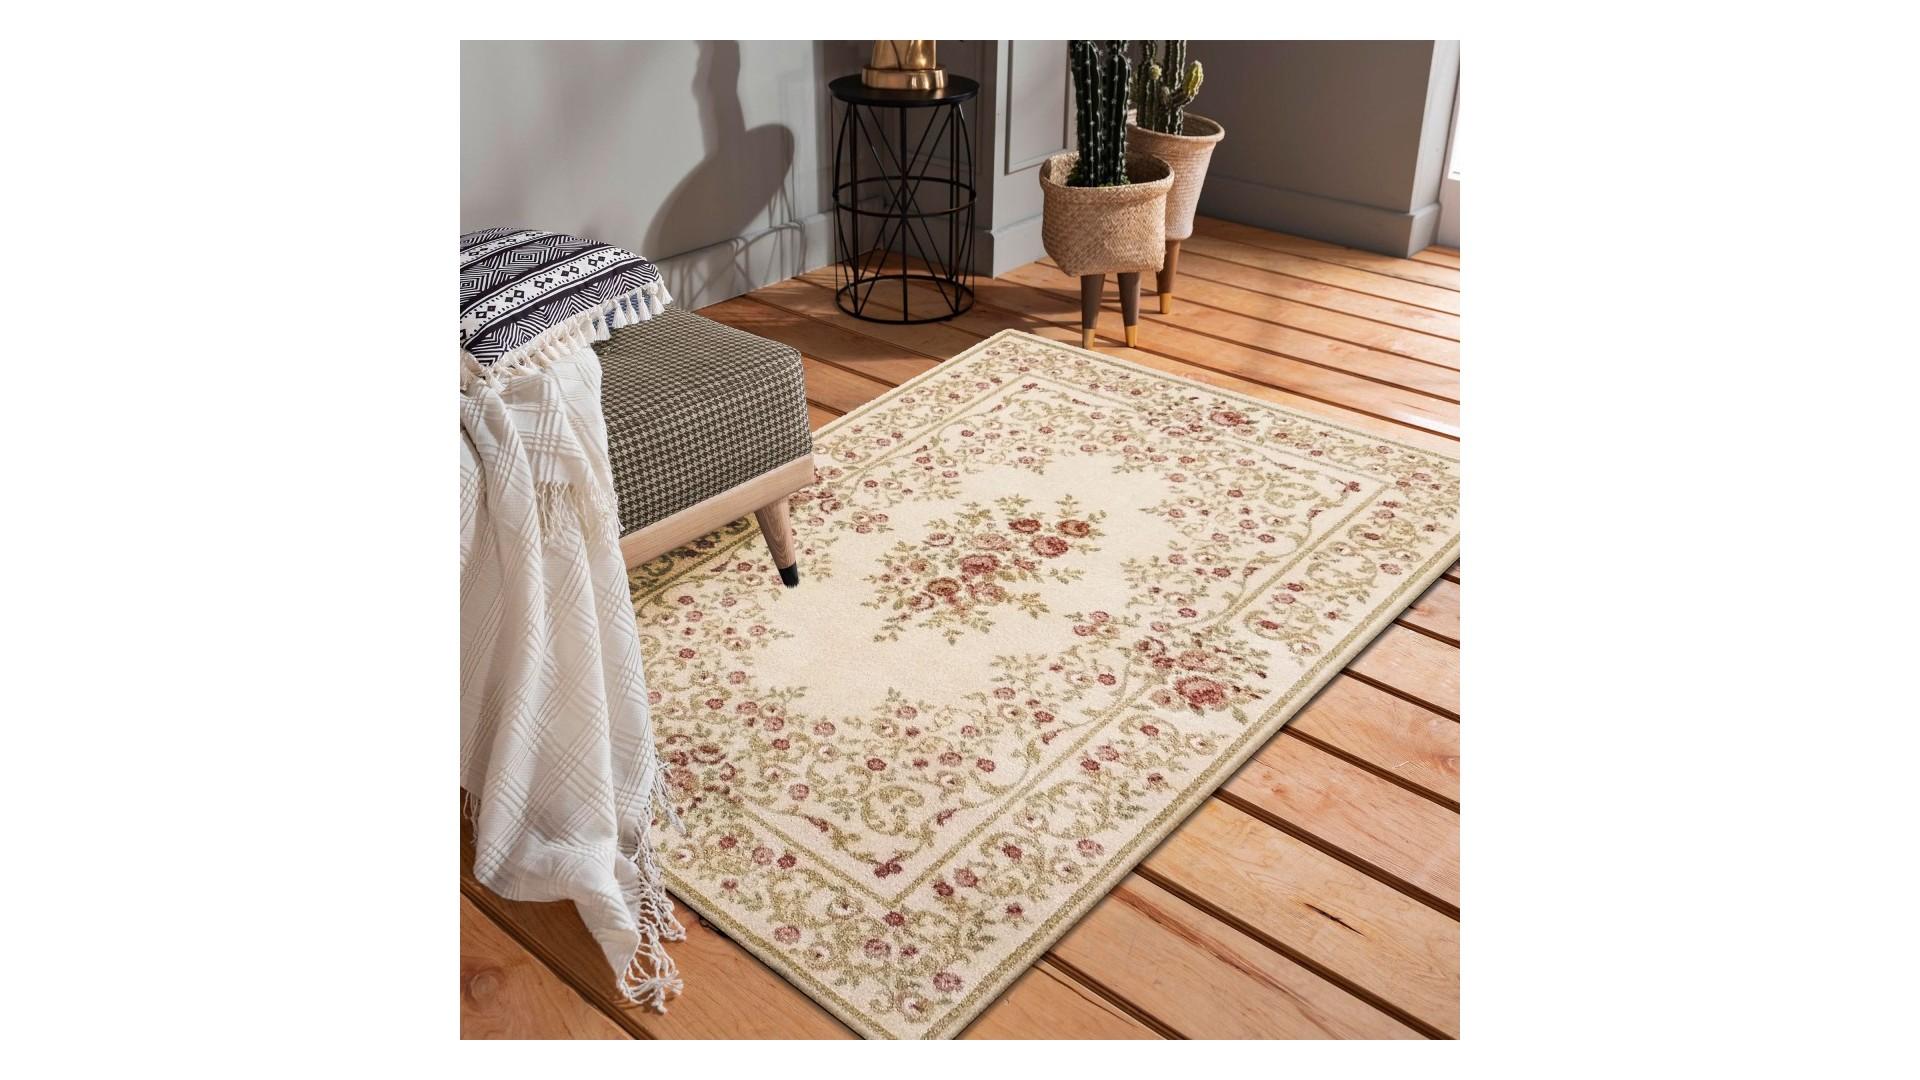 Przepiękny kremowy dywan CASOBLANCO idealny do Twojego wnętrza.